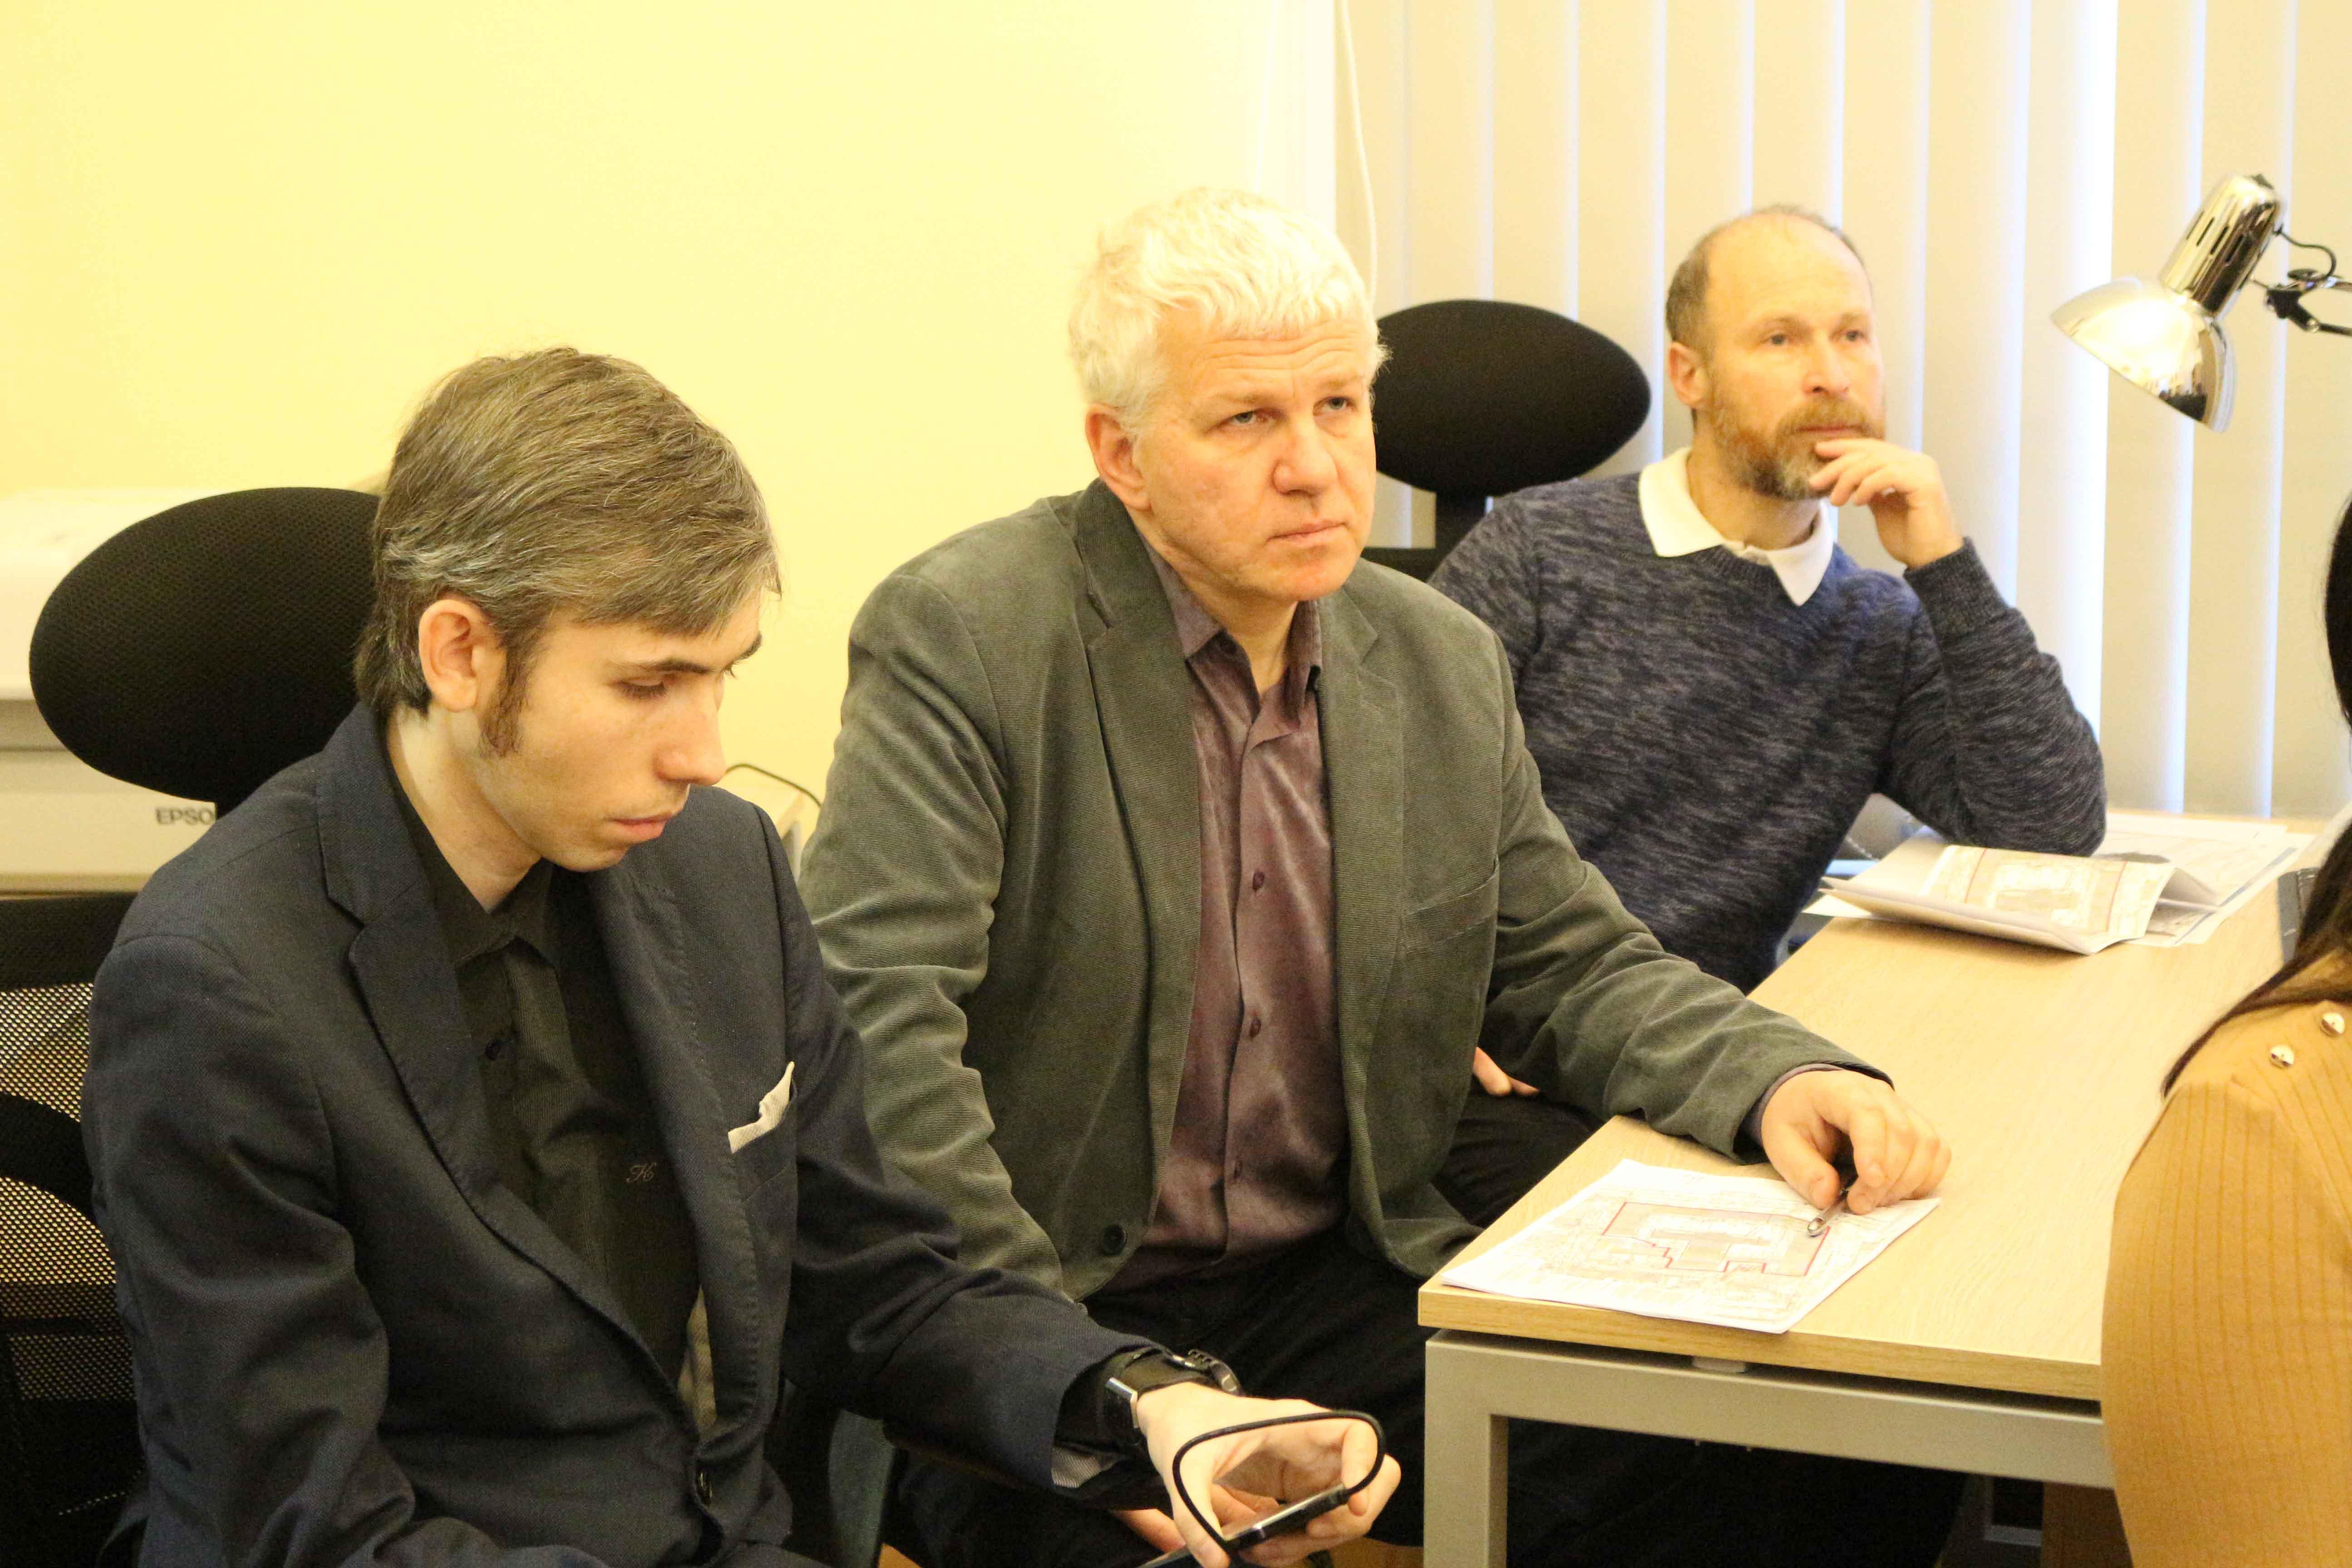 На кафедре «Храмовое зодчество» МАРХИ состоялась лекция профессора С.Е. Ерыпалова